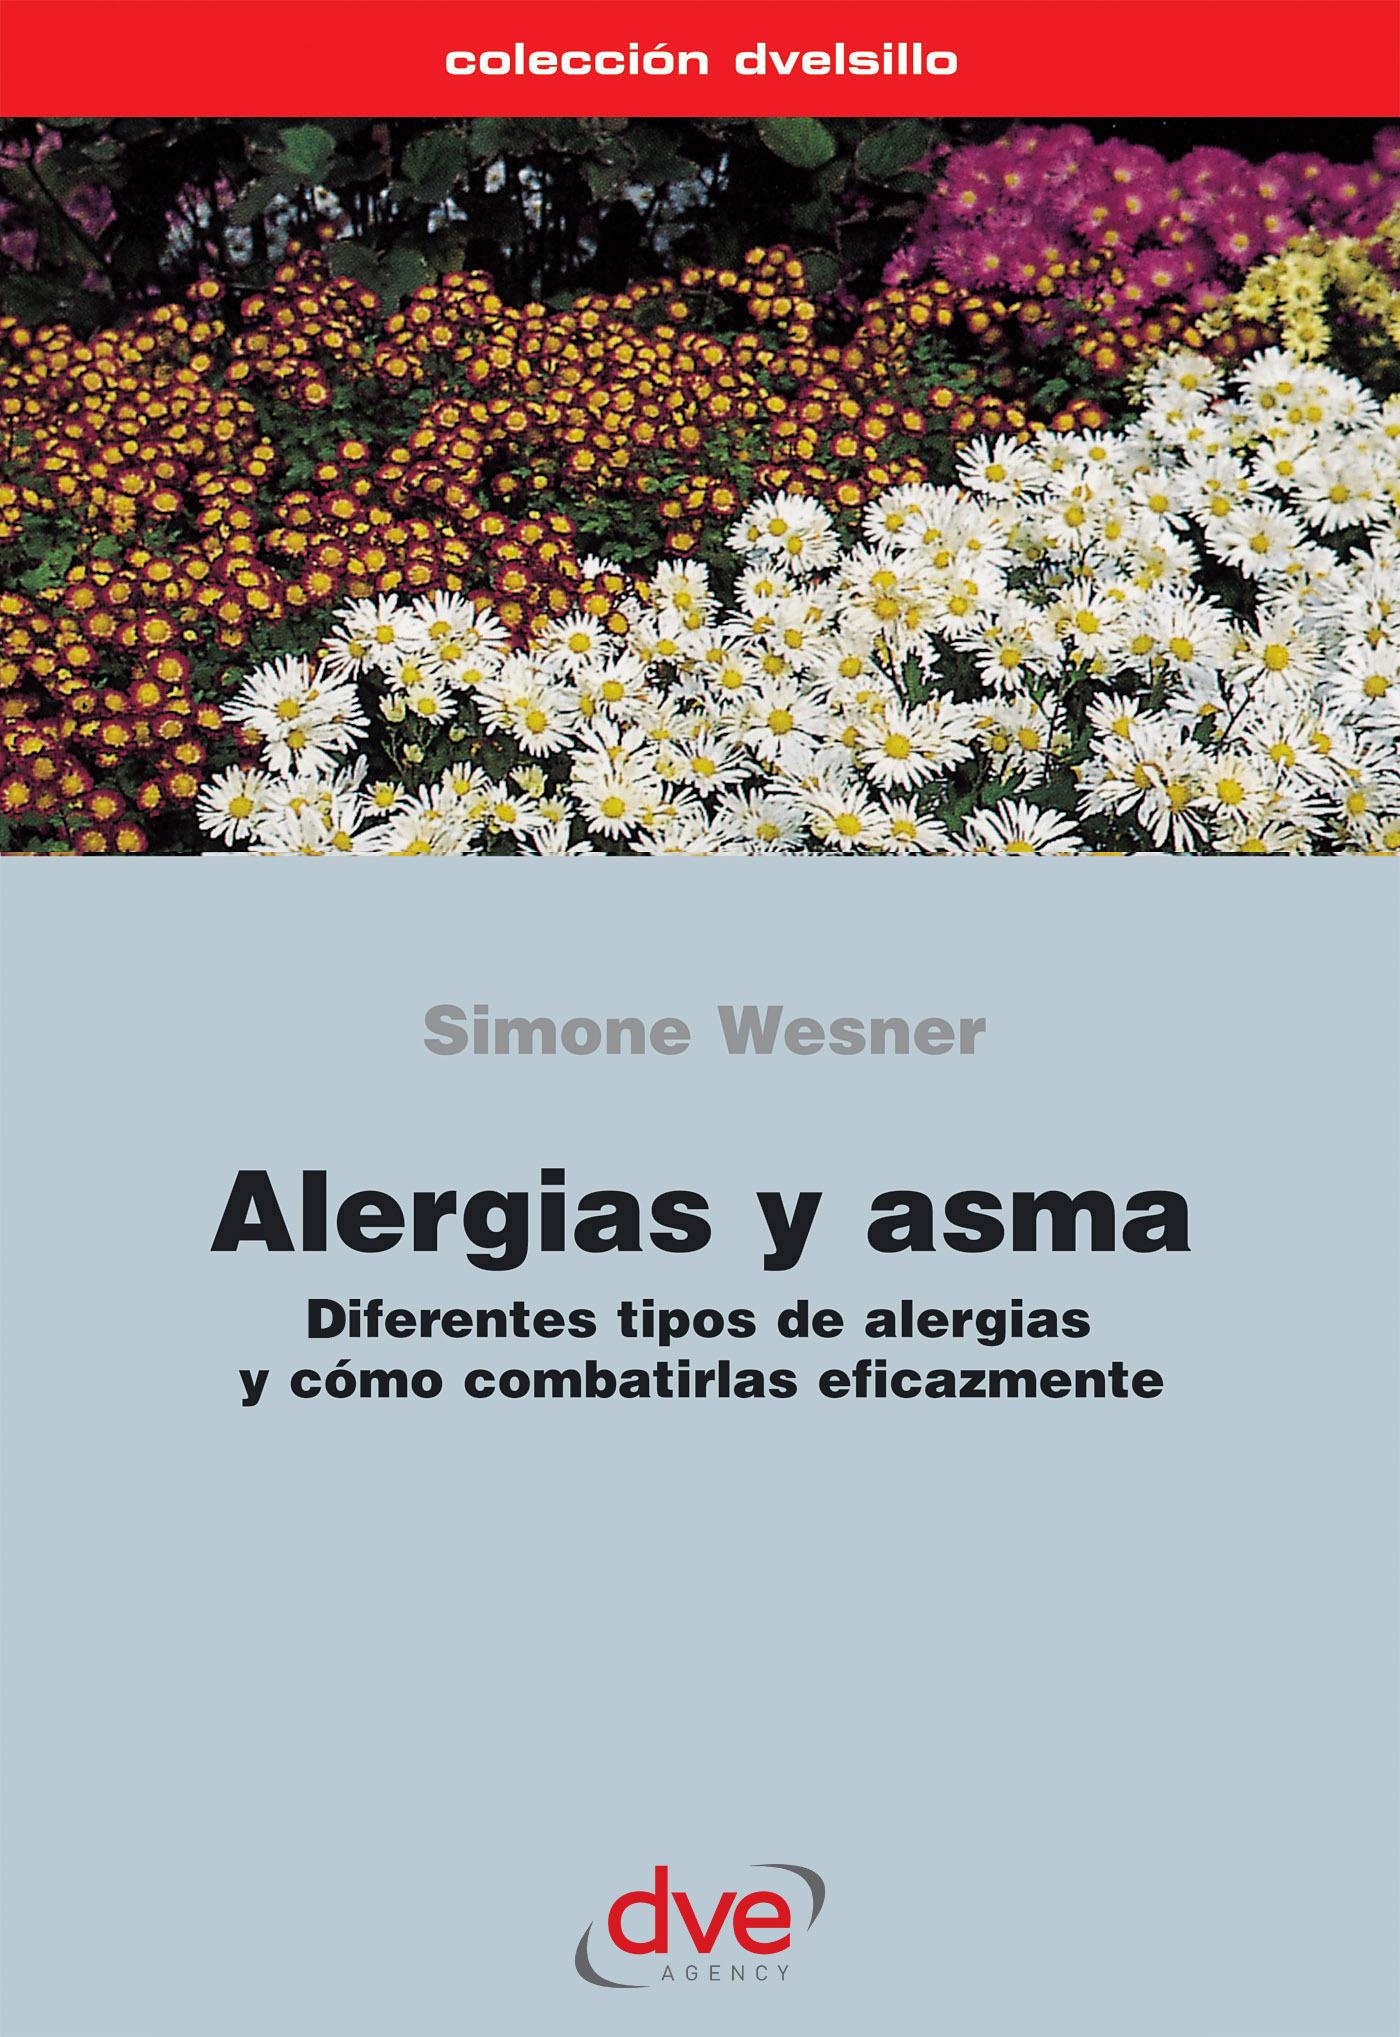 Wesner, Simone - Alergias y asma. Diferentes tipos de alergias y cómo combatirlas eficazmente, ebook